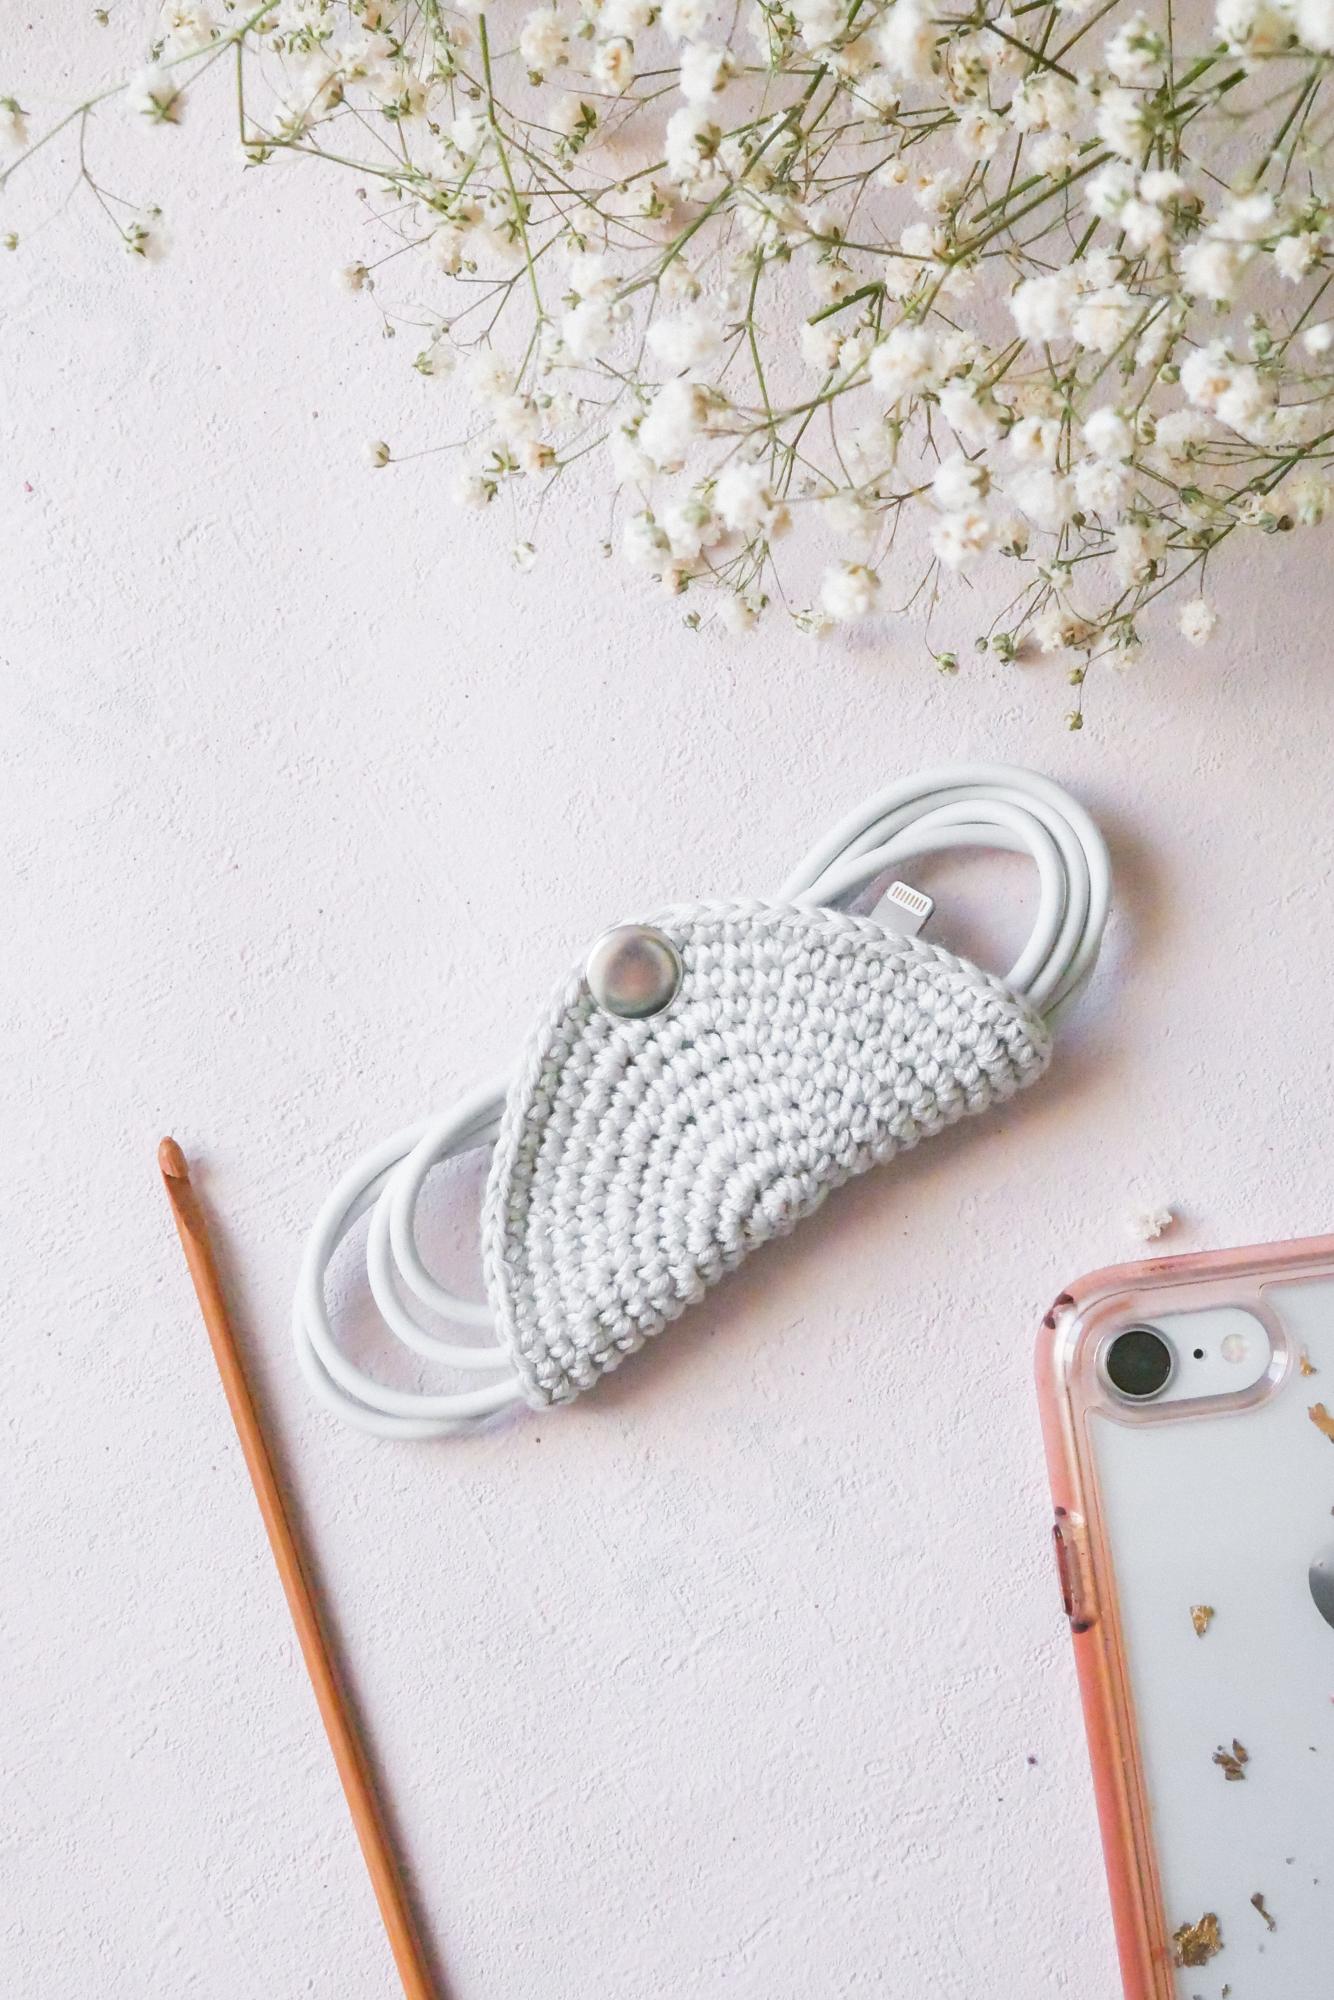 Ladekabel-Halter Häkeln- einfaches DIY für mehr Ordnung in der Handtasche